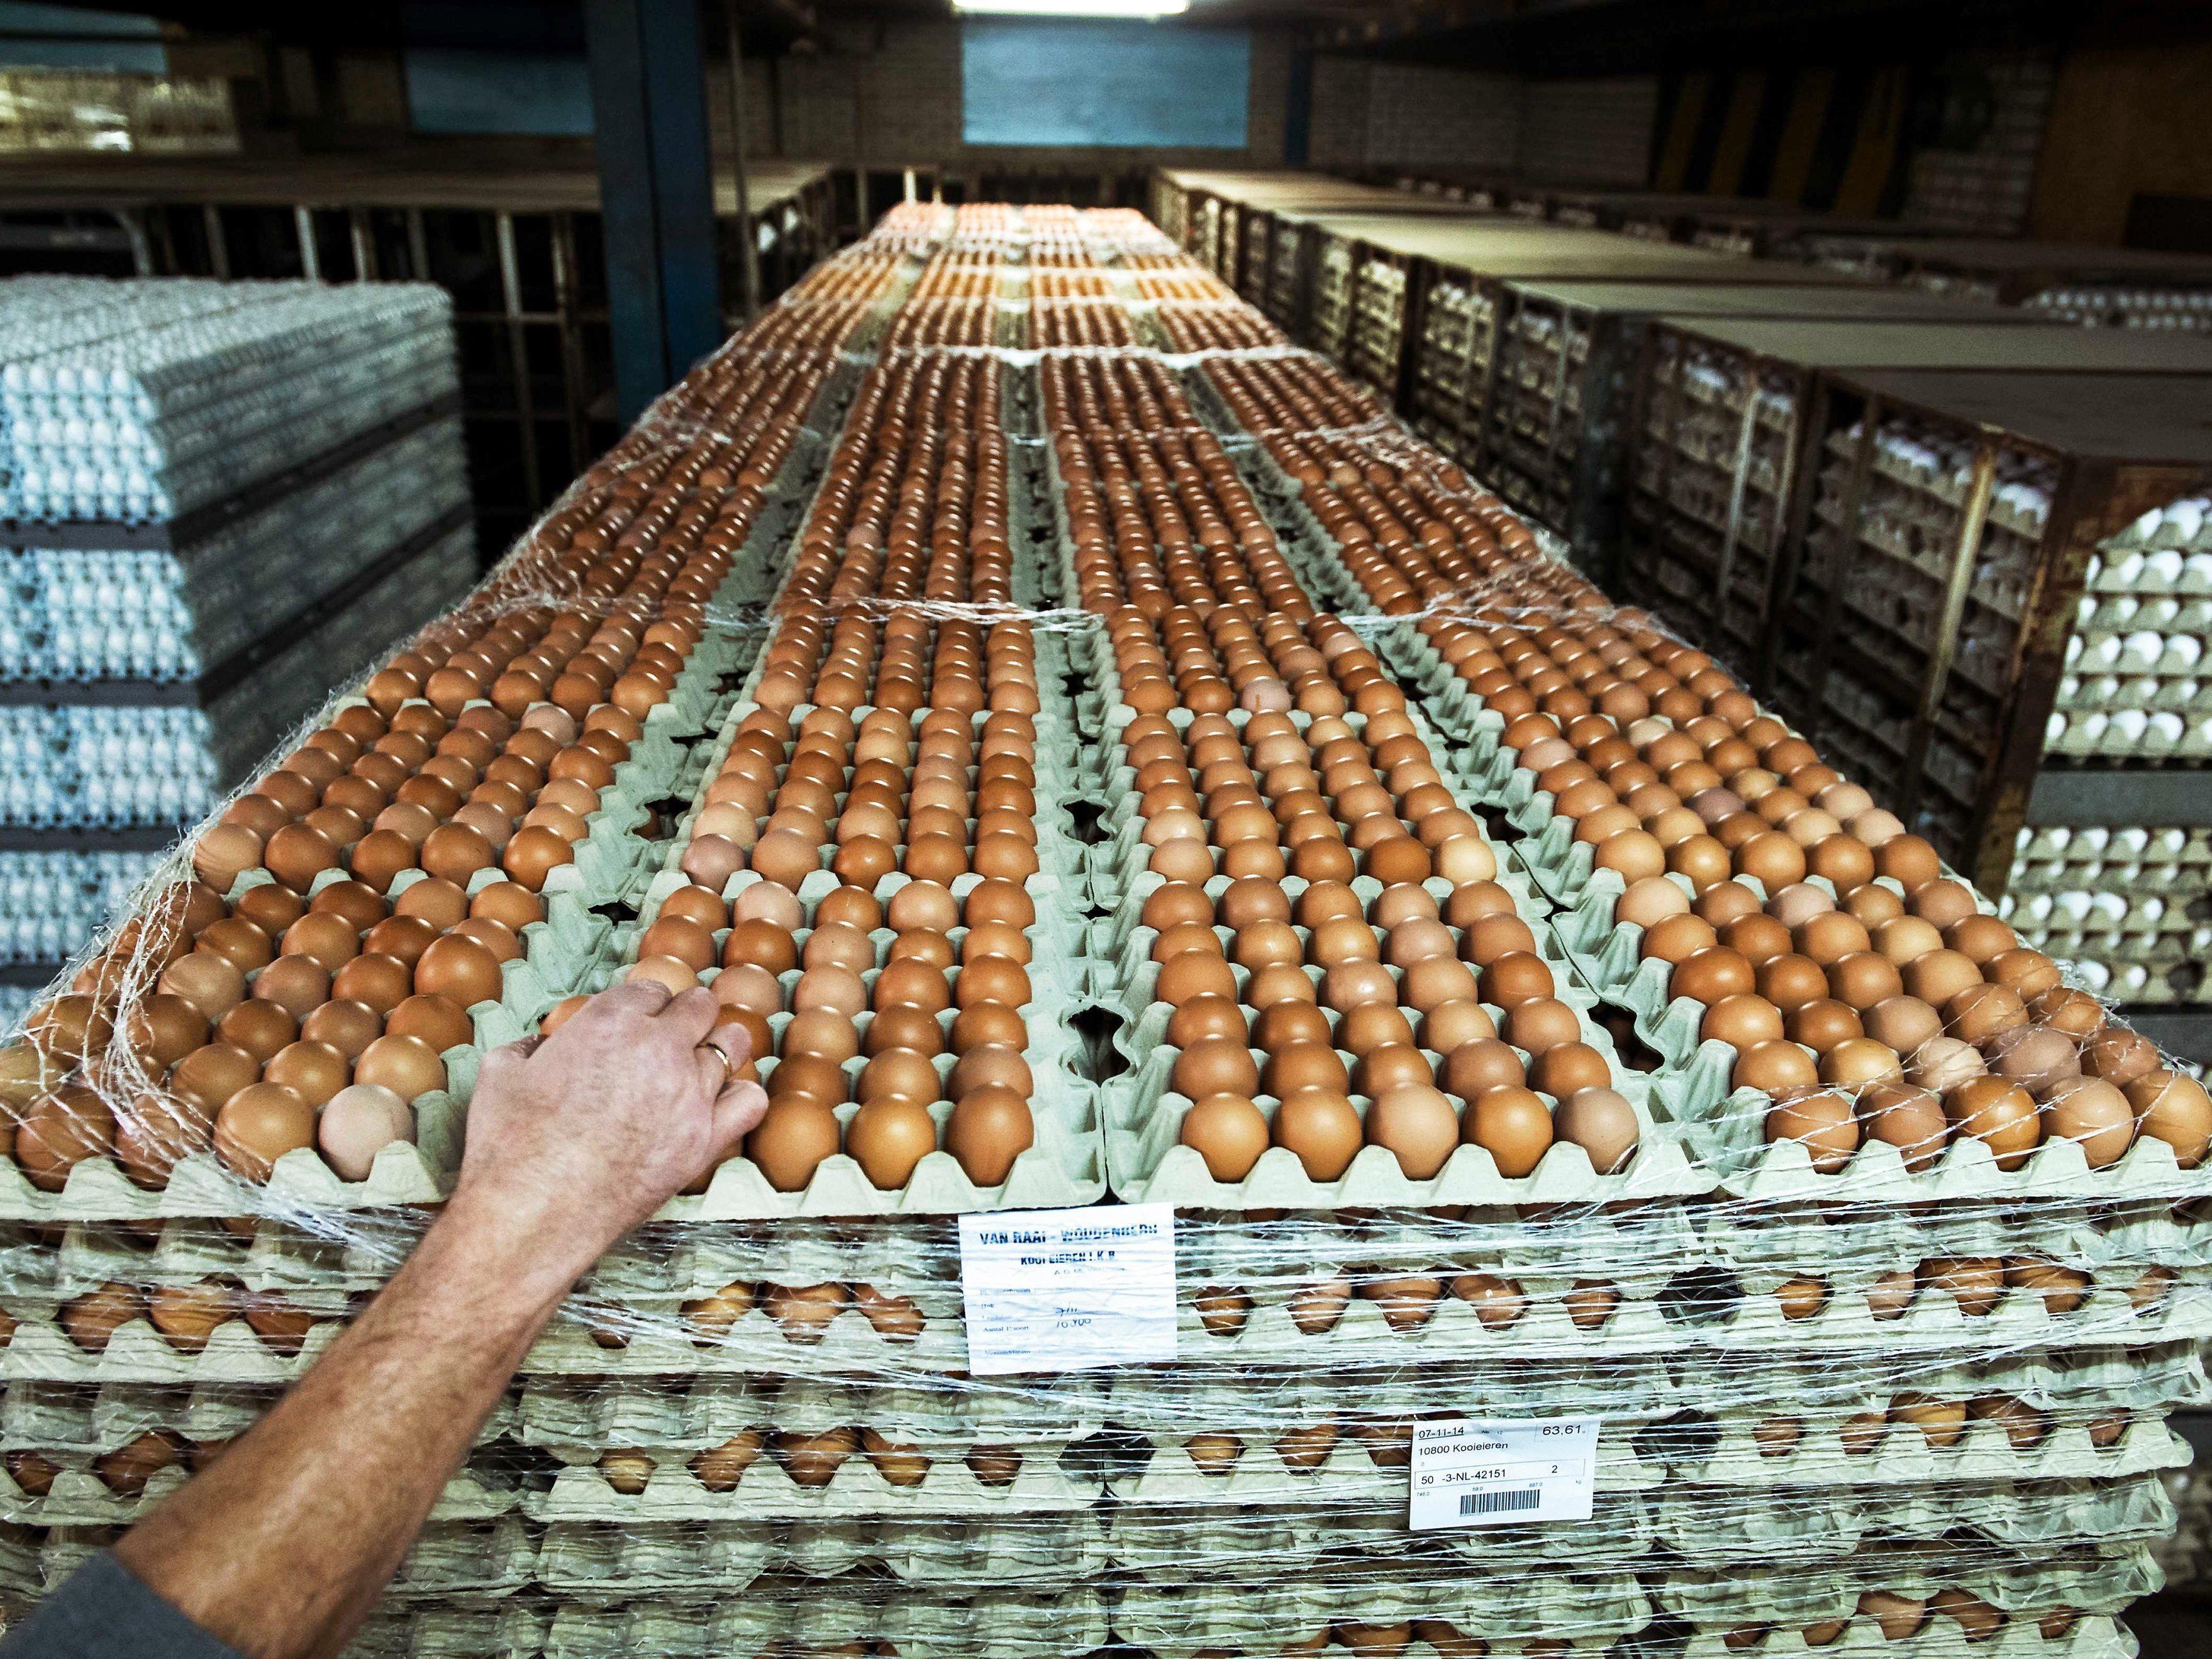 Tausende Hühner werden wegen Vogelgrippe-Verdacht getötet.